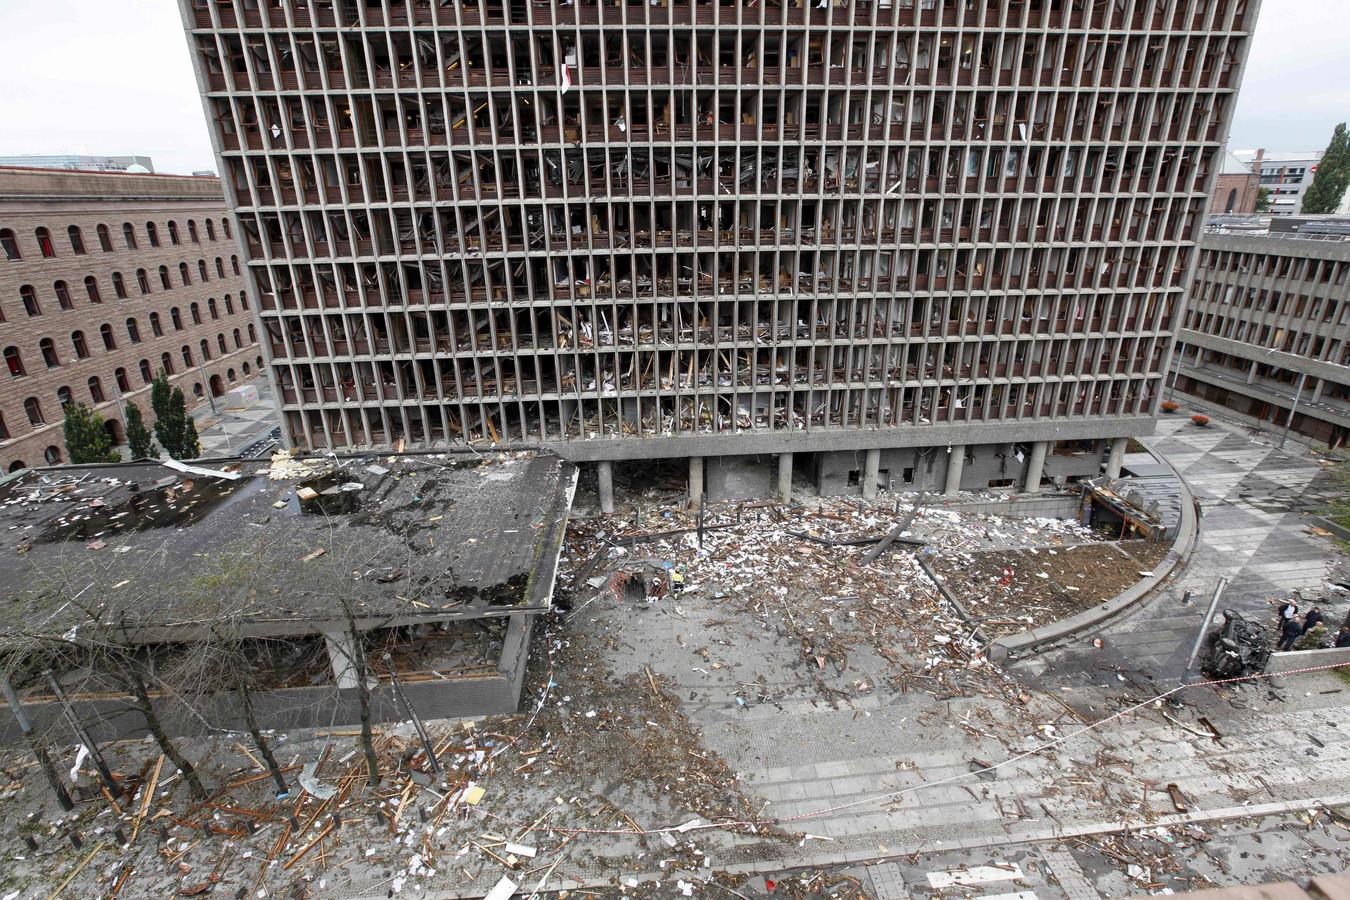 Breivik, déguisé en policier, a d'abord fait exploser une bombe près du siège du gouvernement à Oslo, tuant huit personnes.